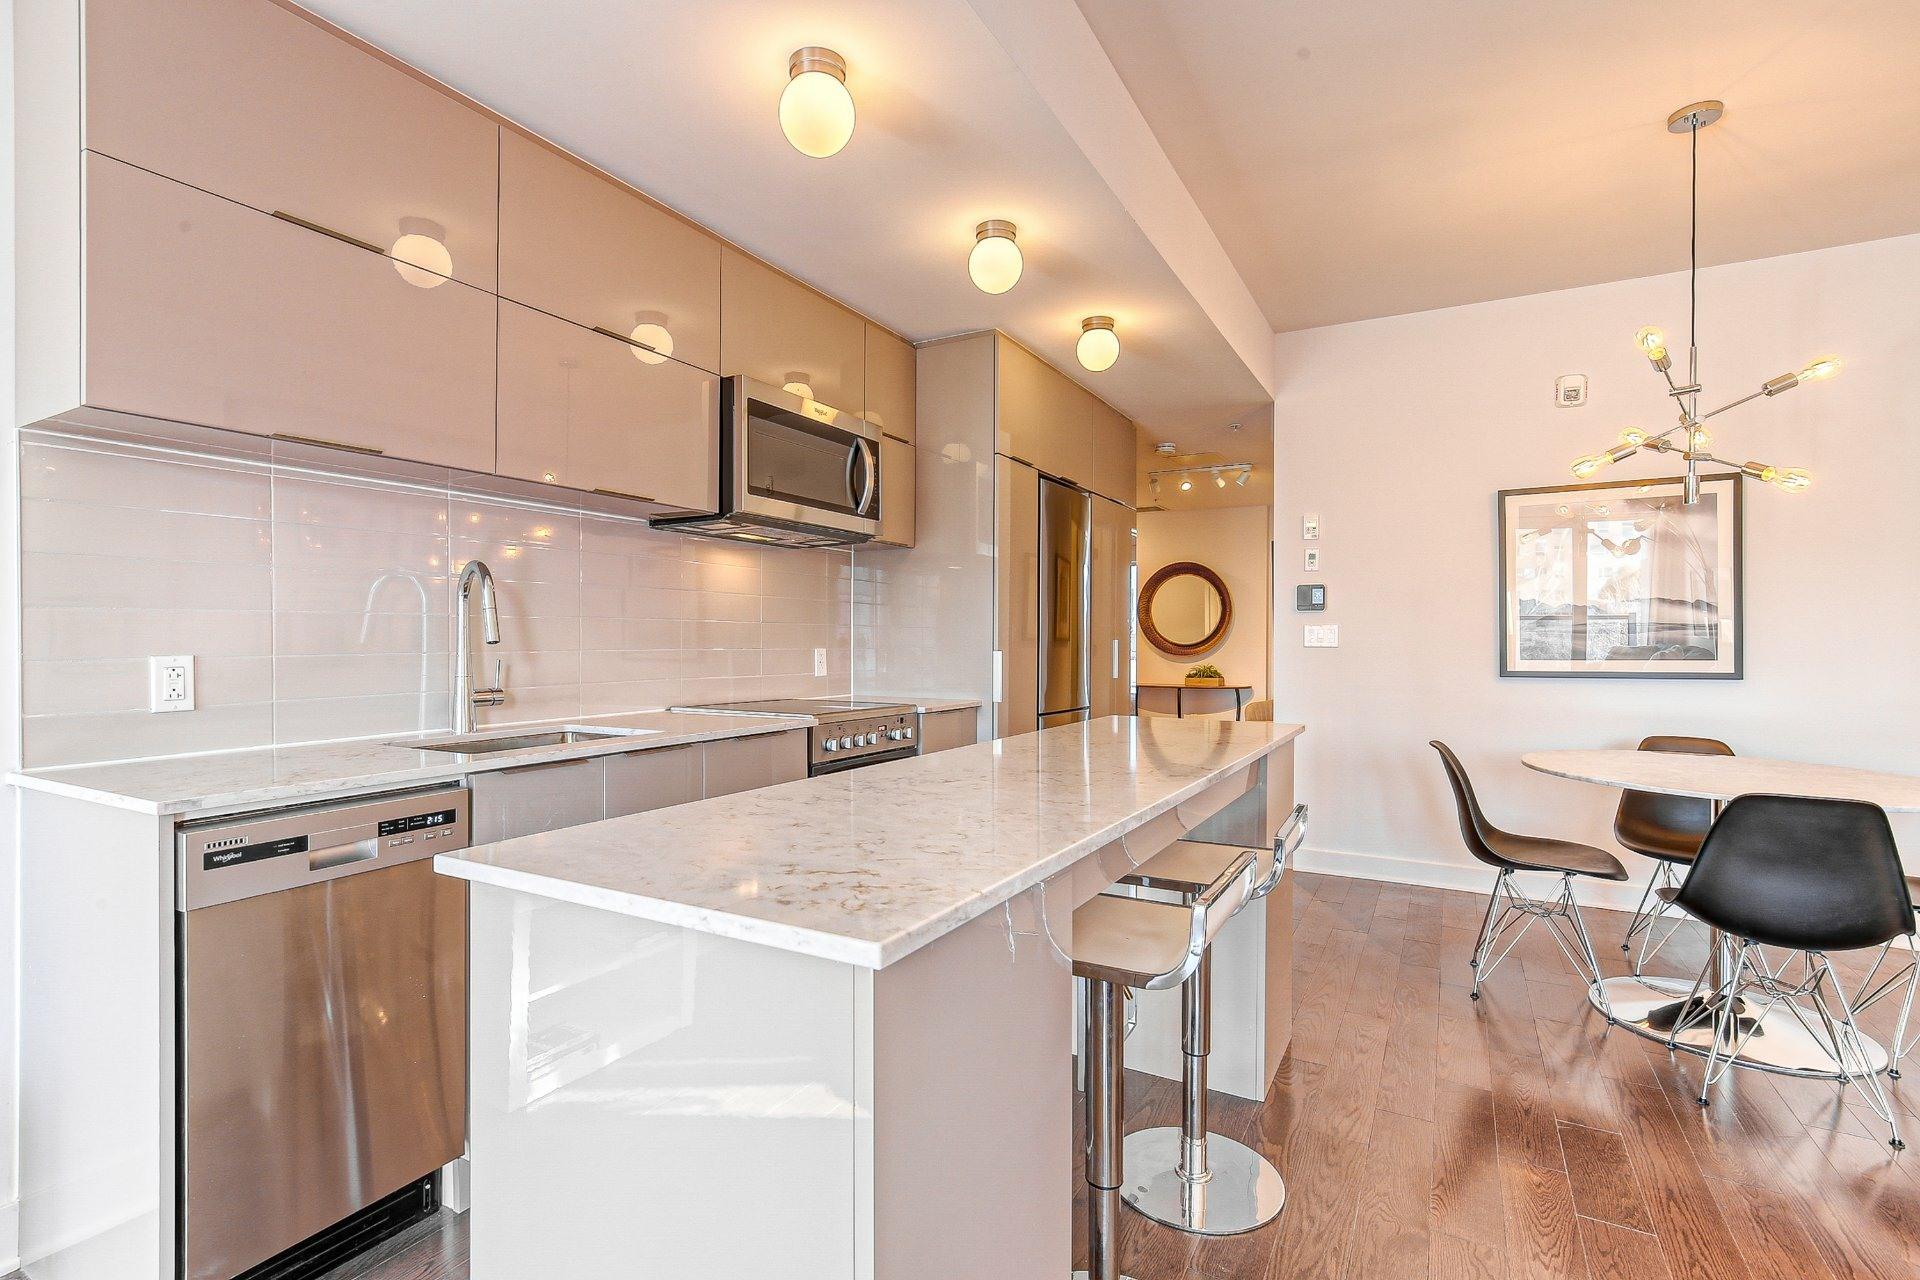 image 2 - Appartement À vendre Ville-Marie Montréal  - 8 pièces